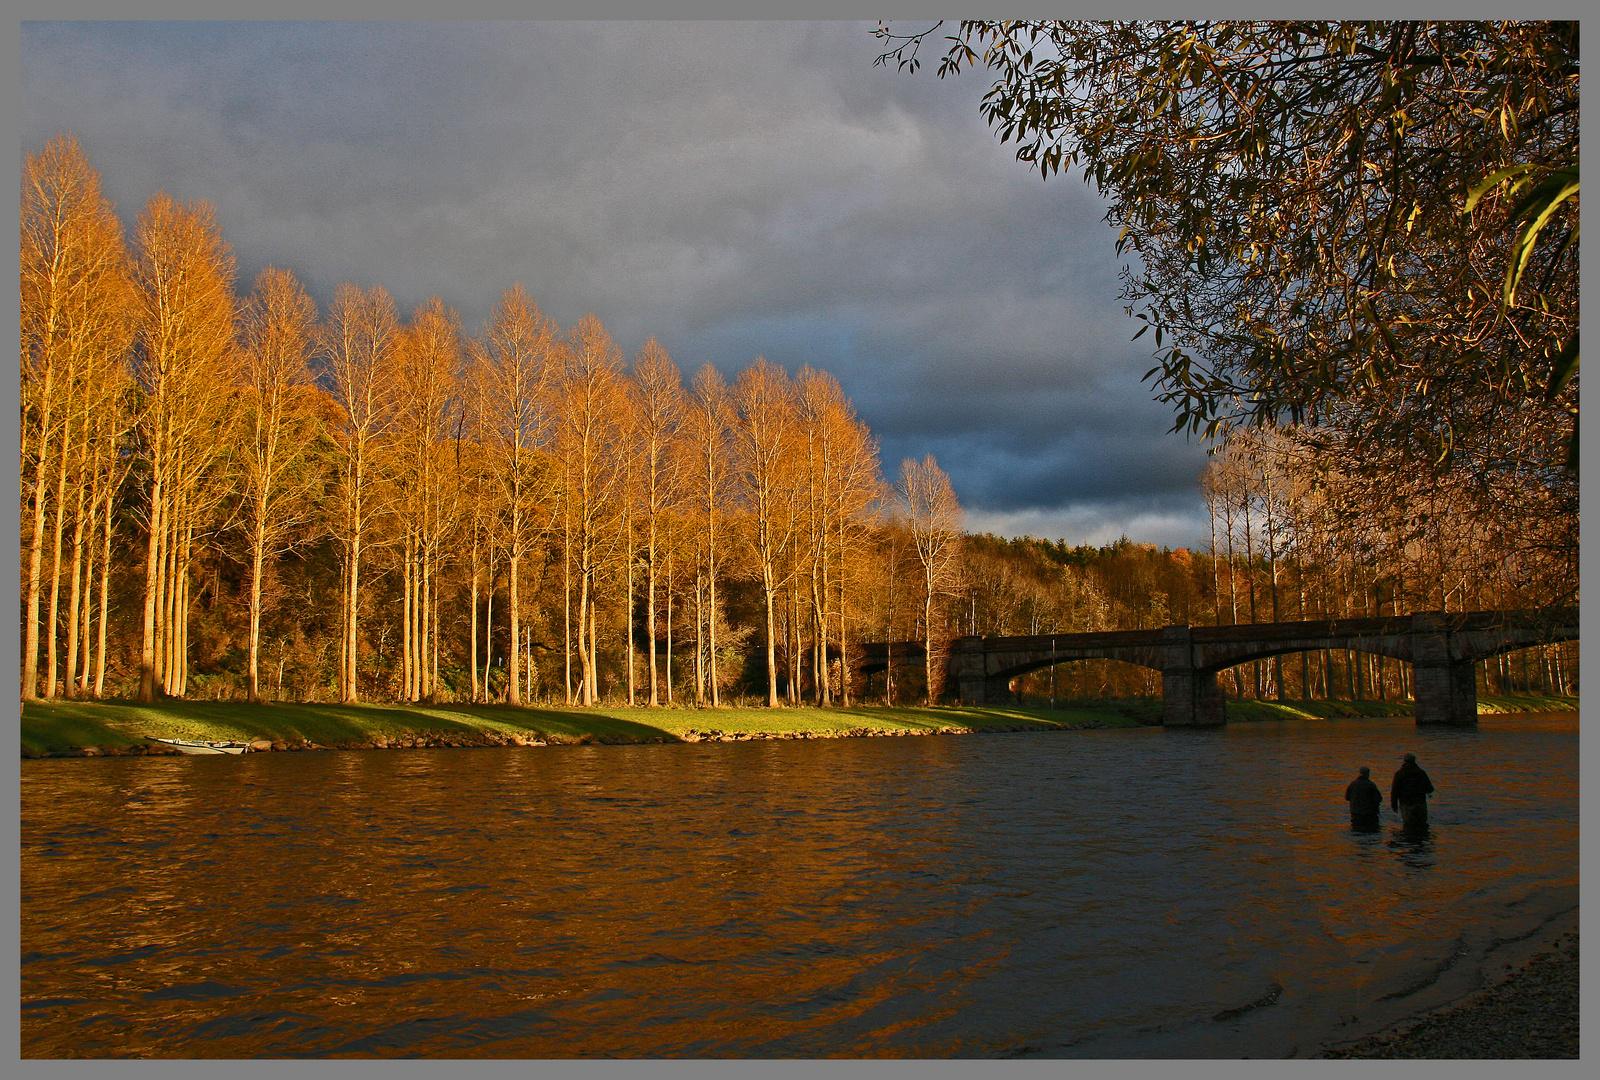 anglers in the River Tweed at mertoun bridge